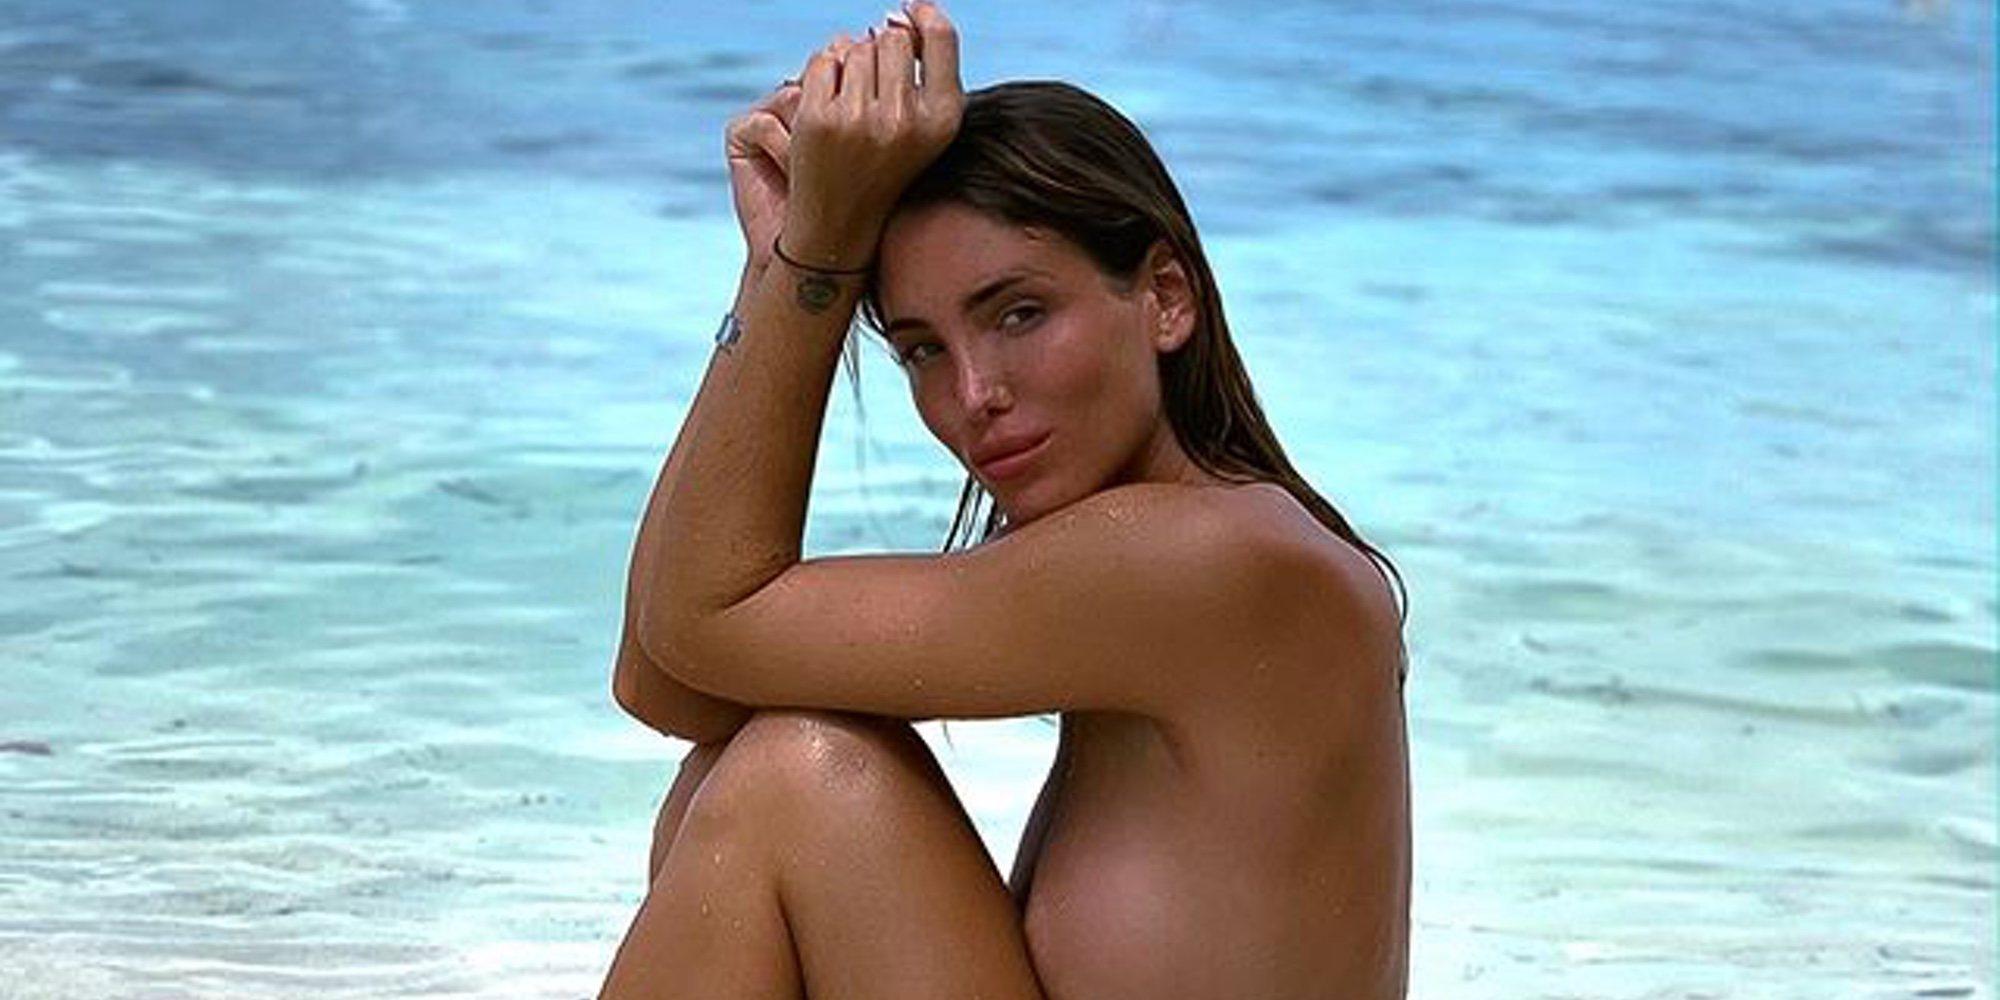 Marta López Álamo, la novia de Kiko Matamoros, se desnuda en su posado más sexy